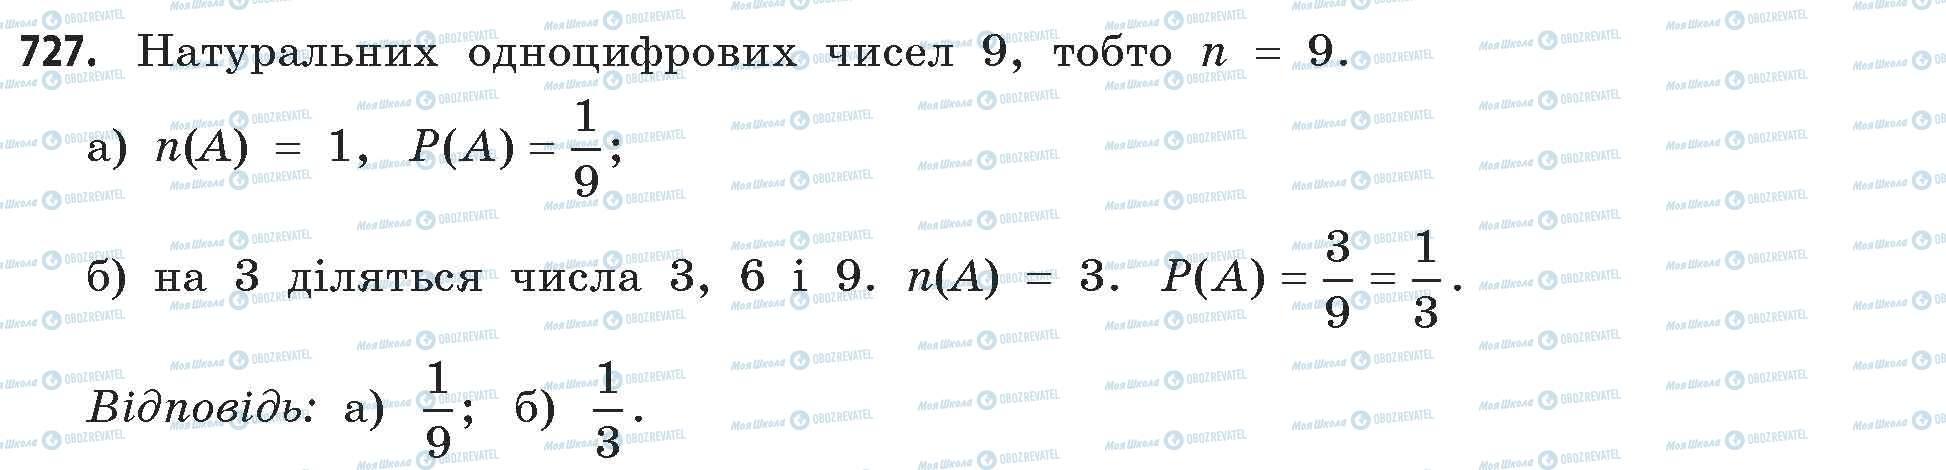 ГДЗ Математика 11 класс страница 727